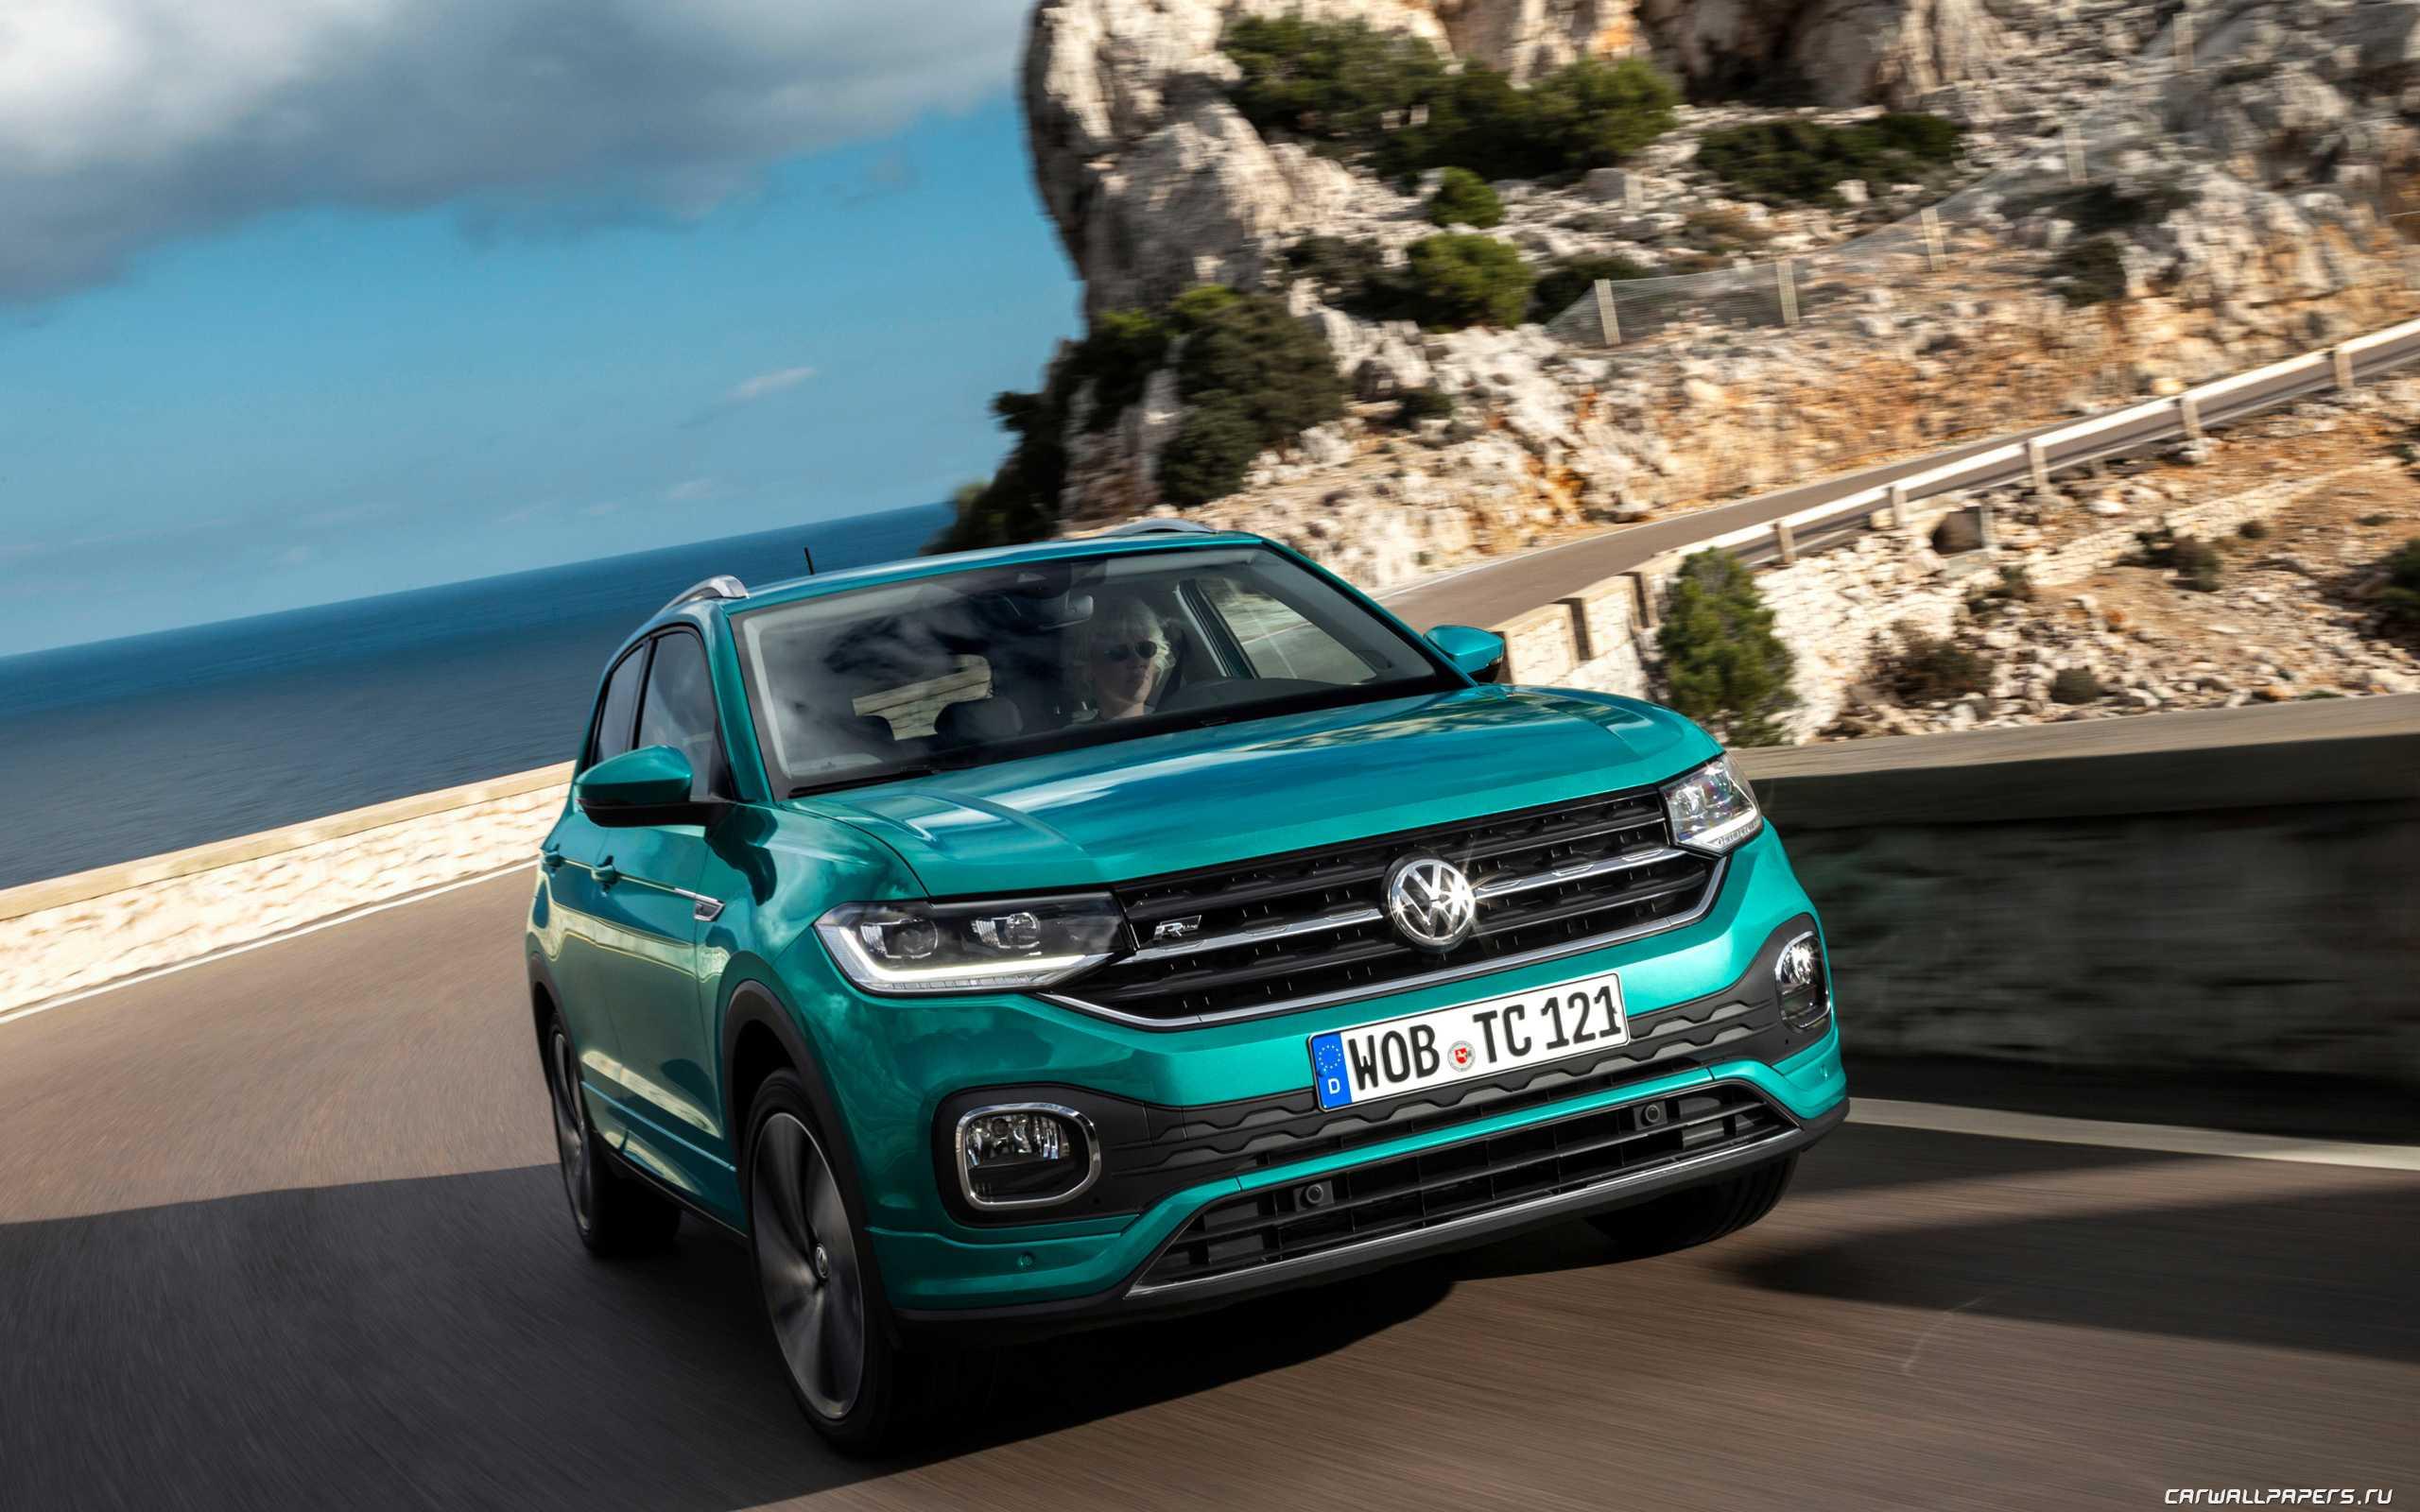 Volkswagen t-roc 2019-2020 цена, технические характеристики, фото, видео тест-драйв